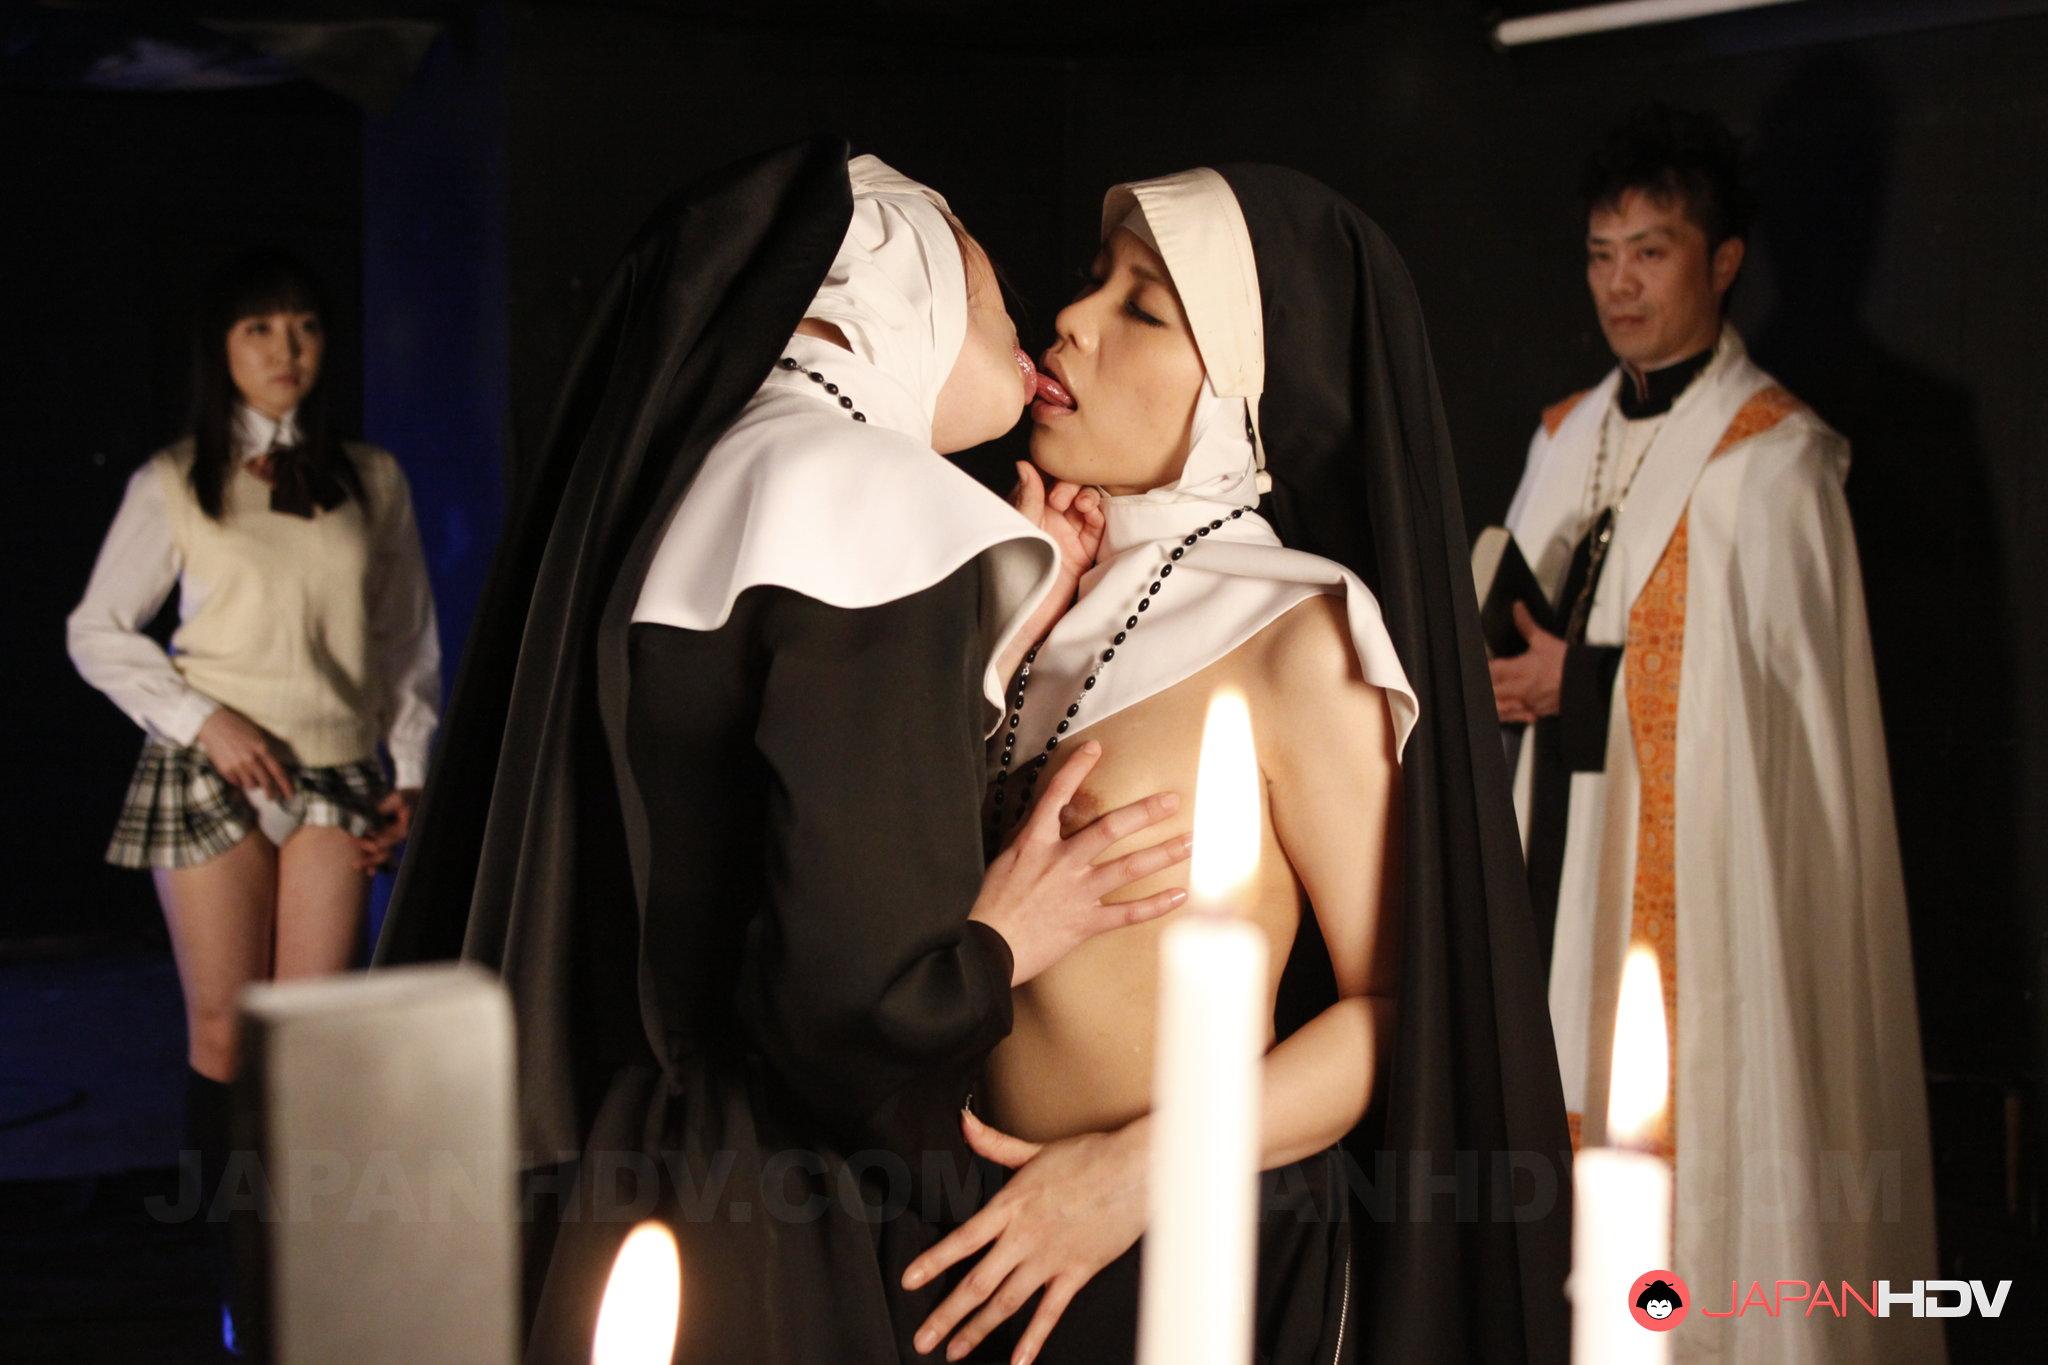 Эротика фото монашек, Голые монашки фото - обнаженные монахини 8 фотография